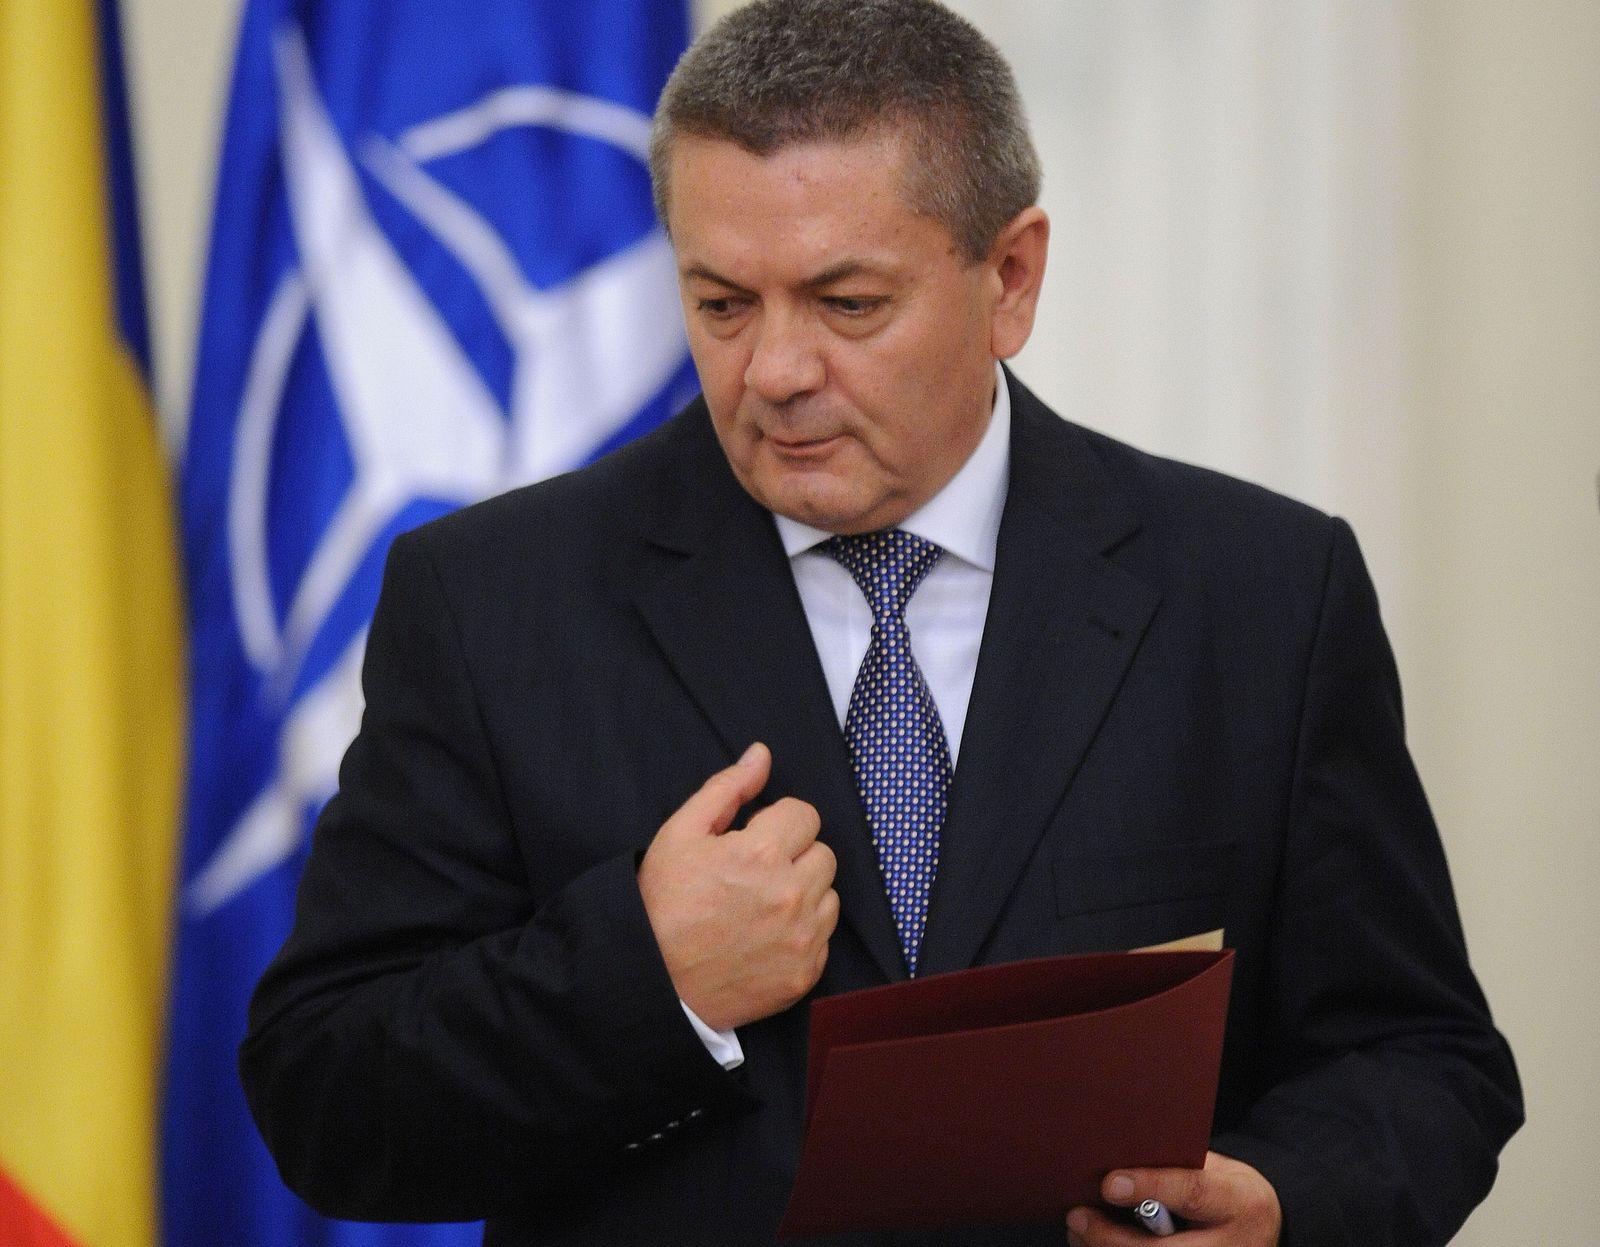 ROMANIA-GOVERNMENT-IOAN-RUS